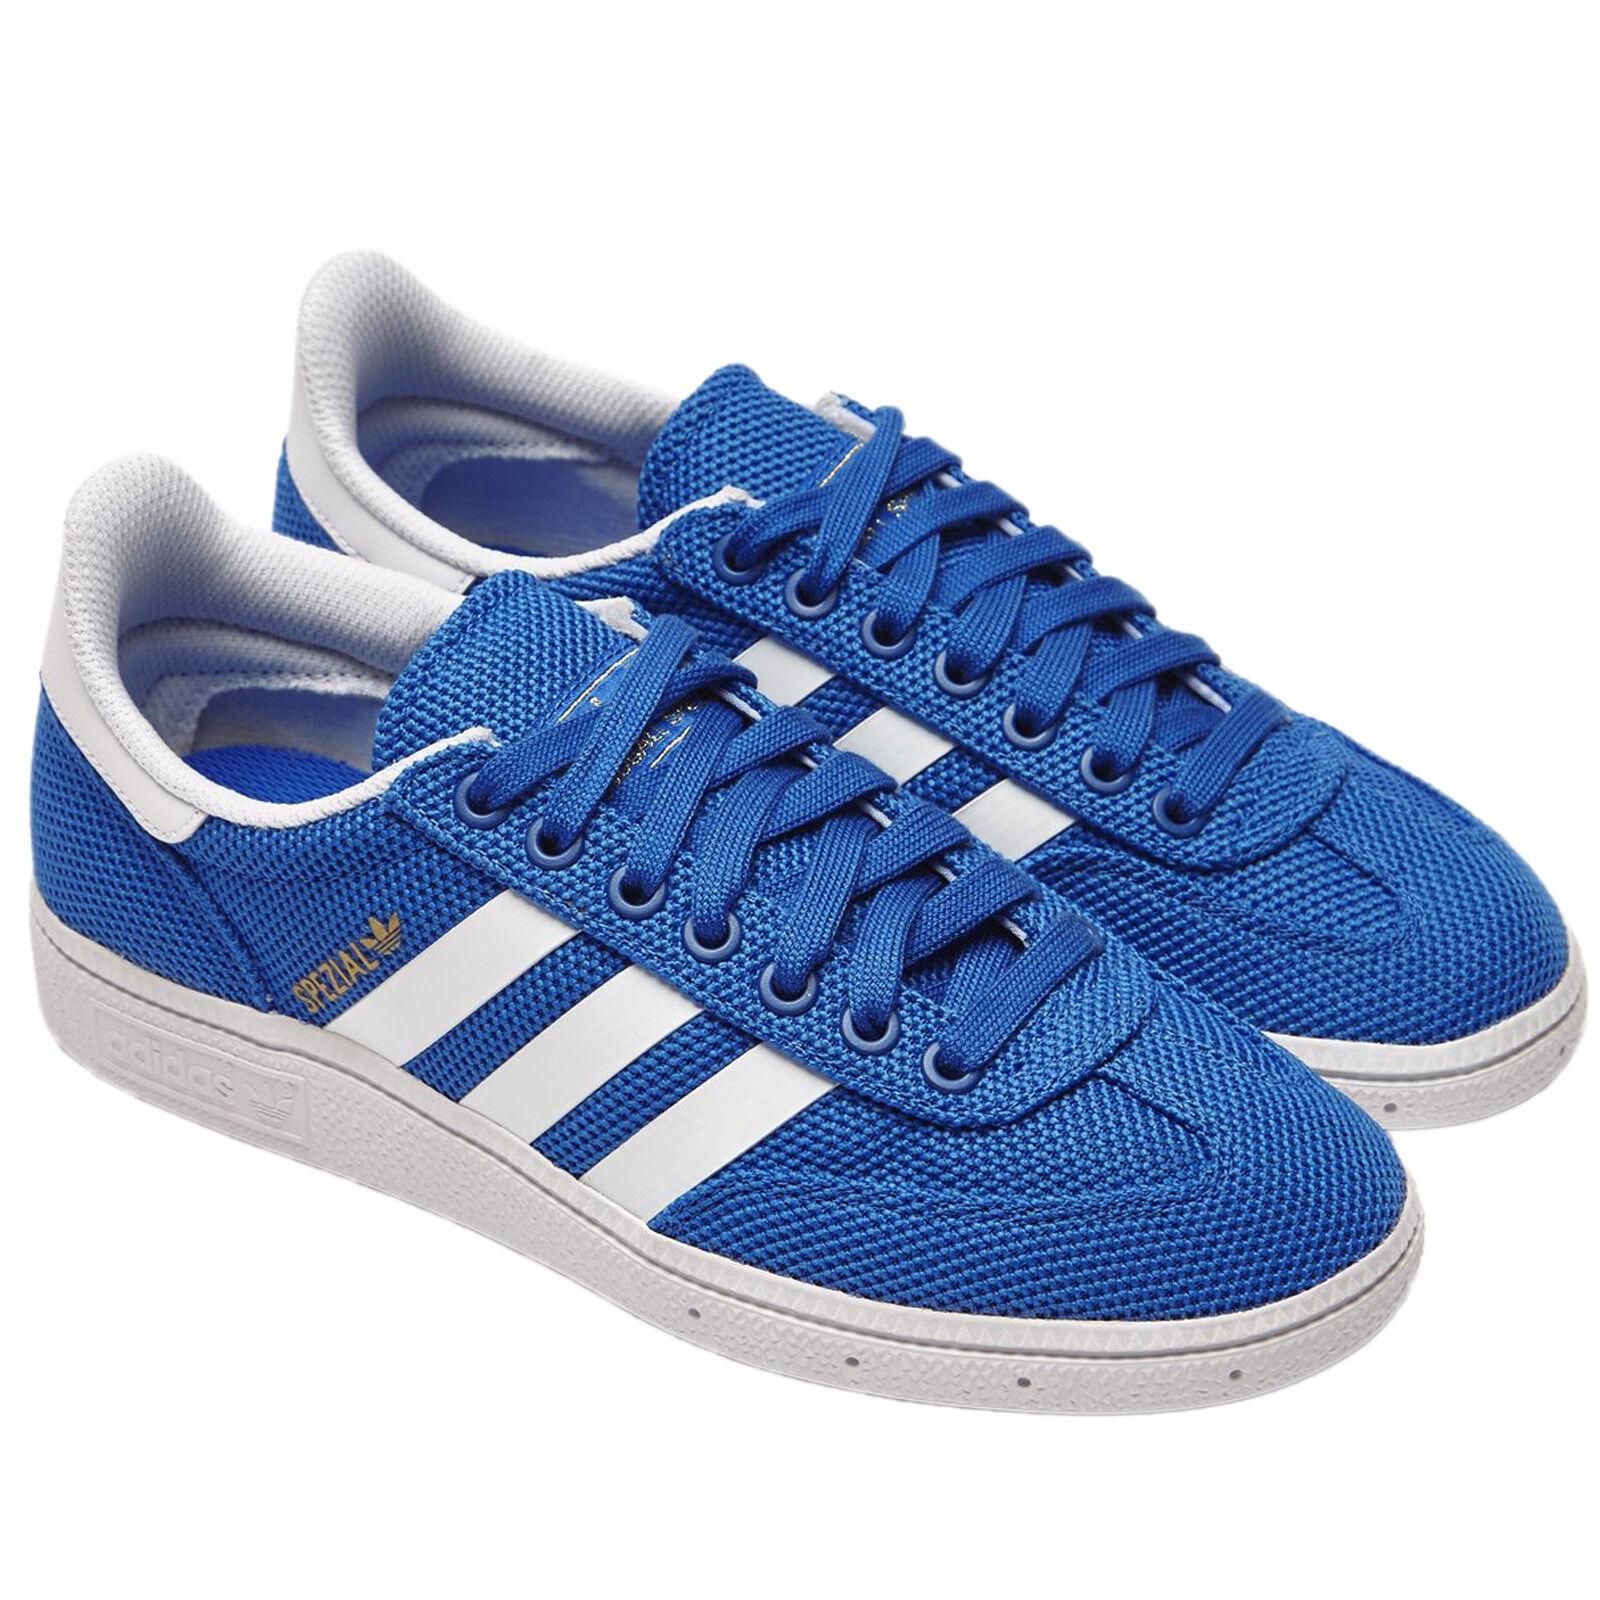 Adidas Originals Spécial Hommes Femmes Sneaker en en Sneaker Cuir De Loisirs Chaussures De Sport e3b4da